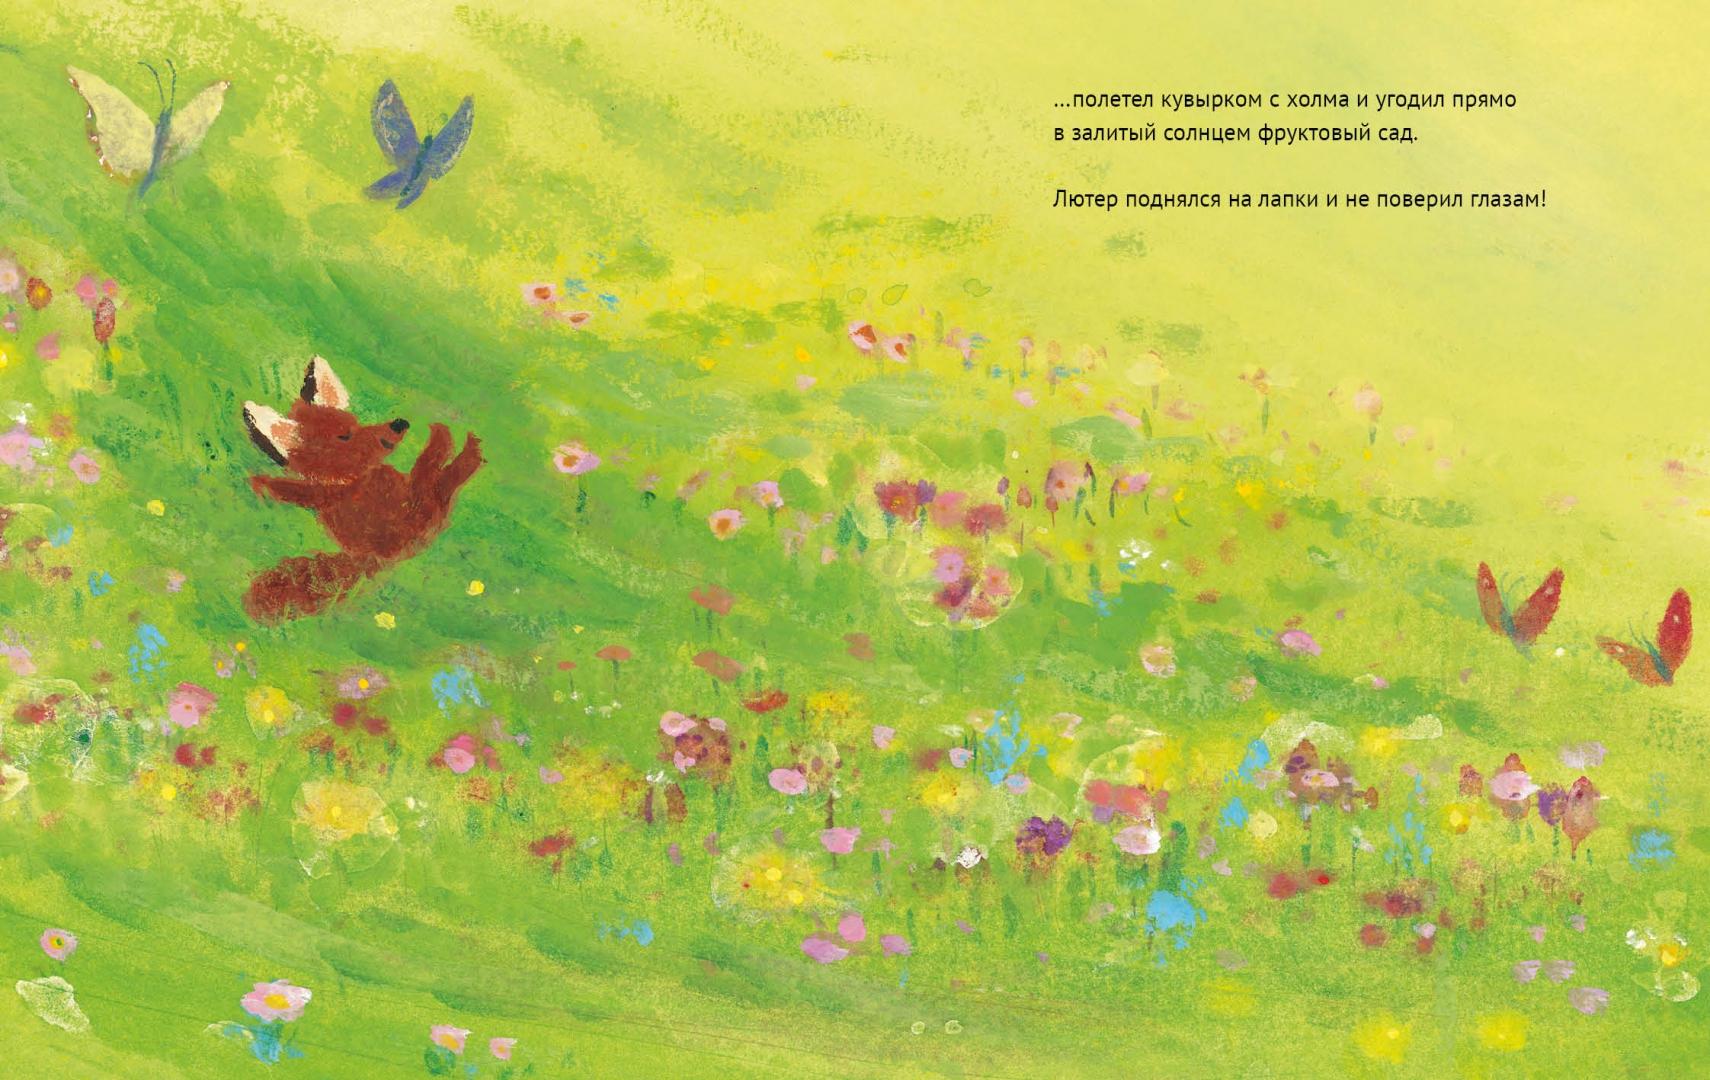 Джулия Роулинсон: Лисенок Лютер и весенний сад